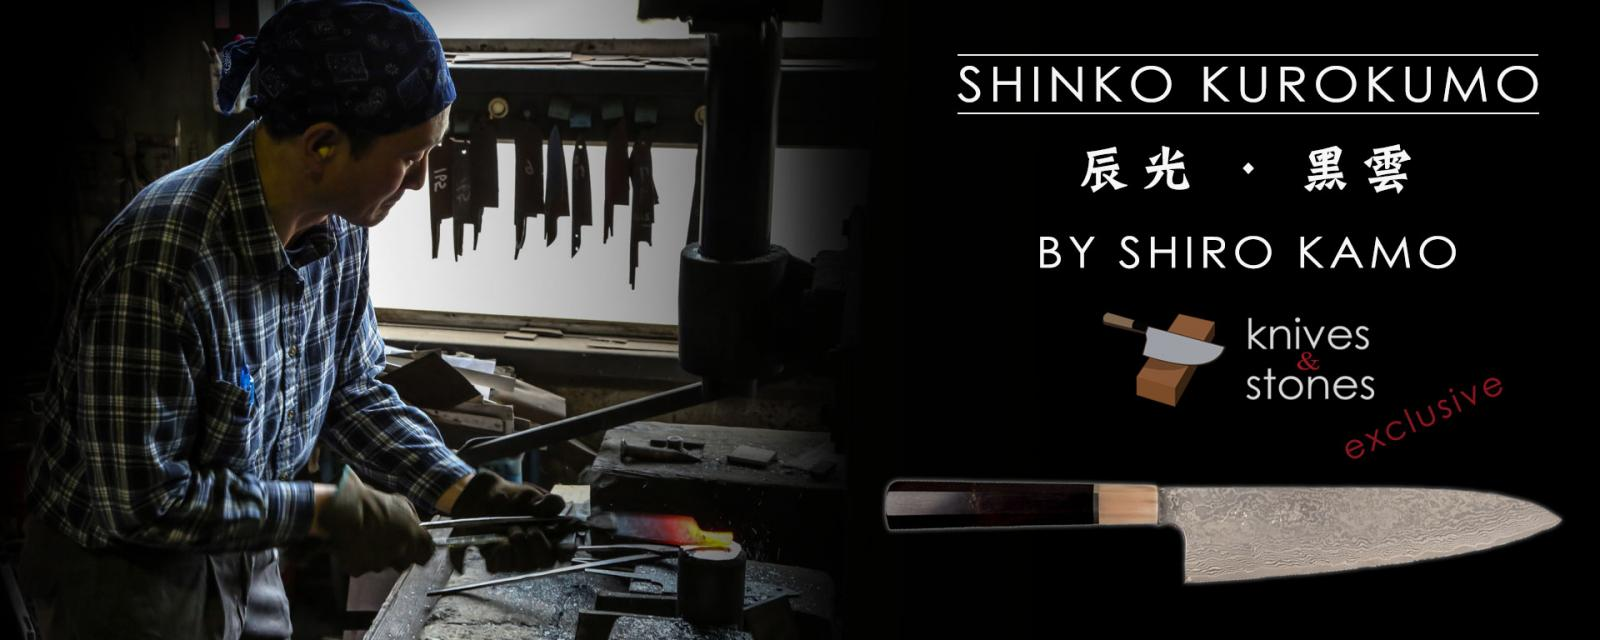 Shinko-Kurokumo.jpg